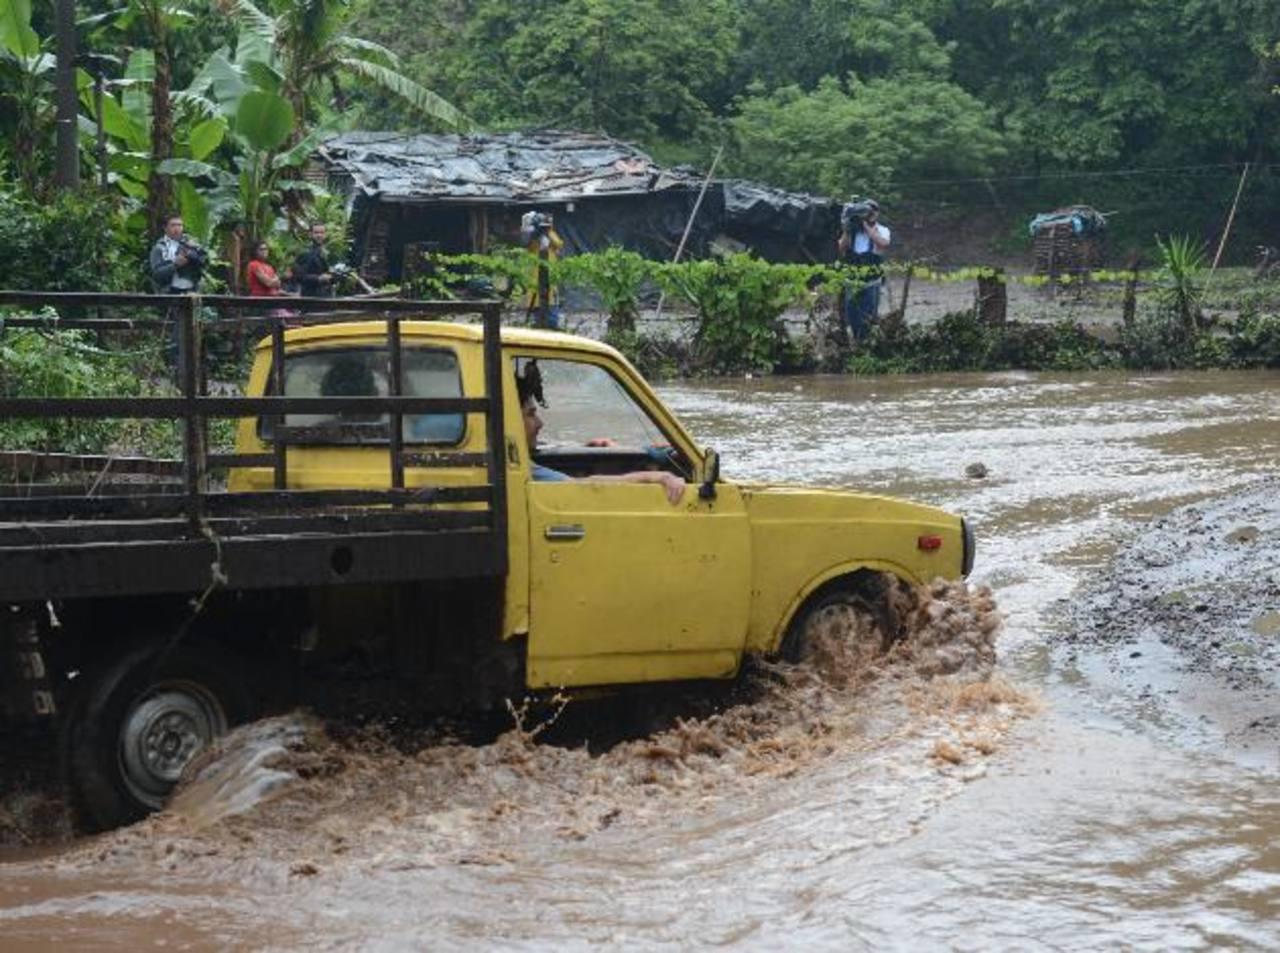 La comunidad El Espino, en Armenia, sufrió inundaciones . fotos EDH / Douglas Urquilla